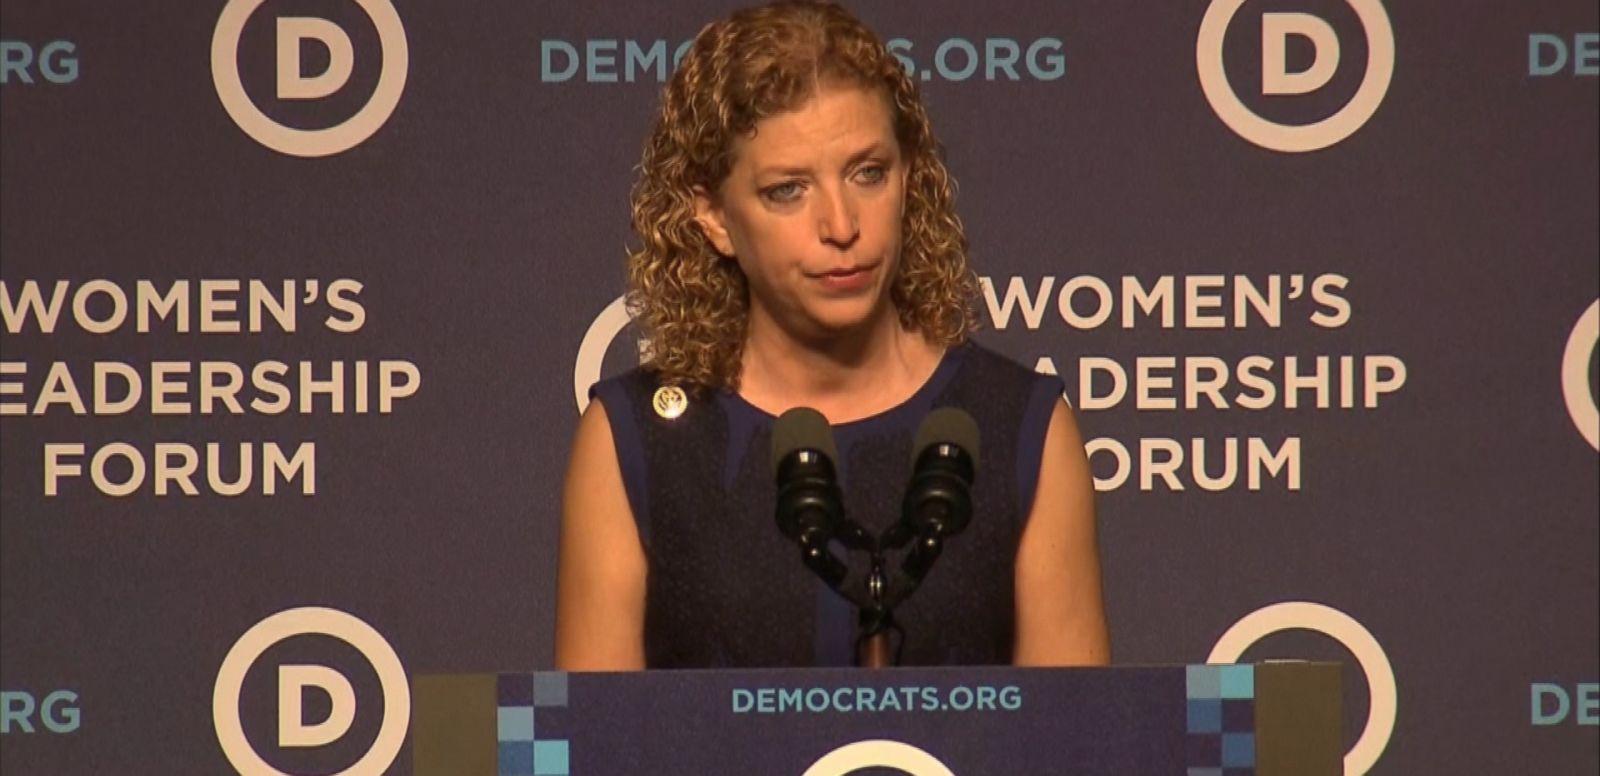 VIDEO: Debbie Wasserman Schultz Versus Bernie Sanders